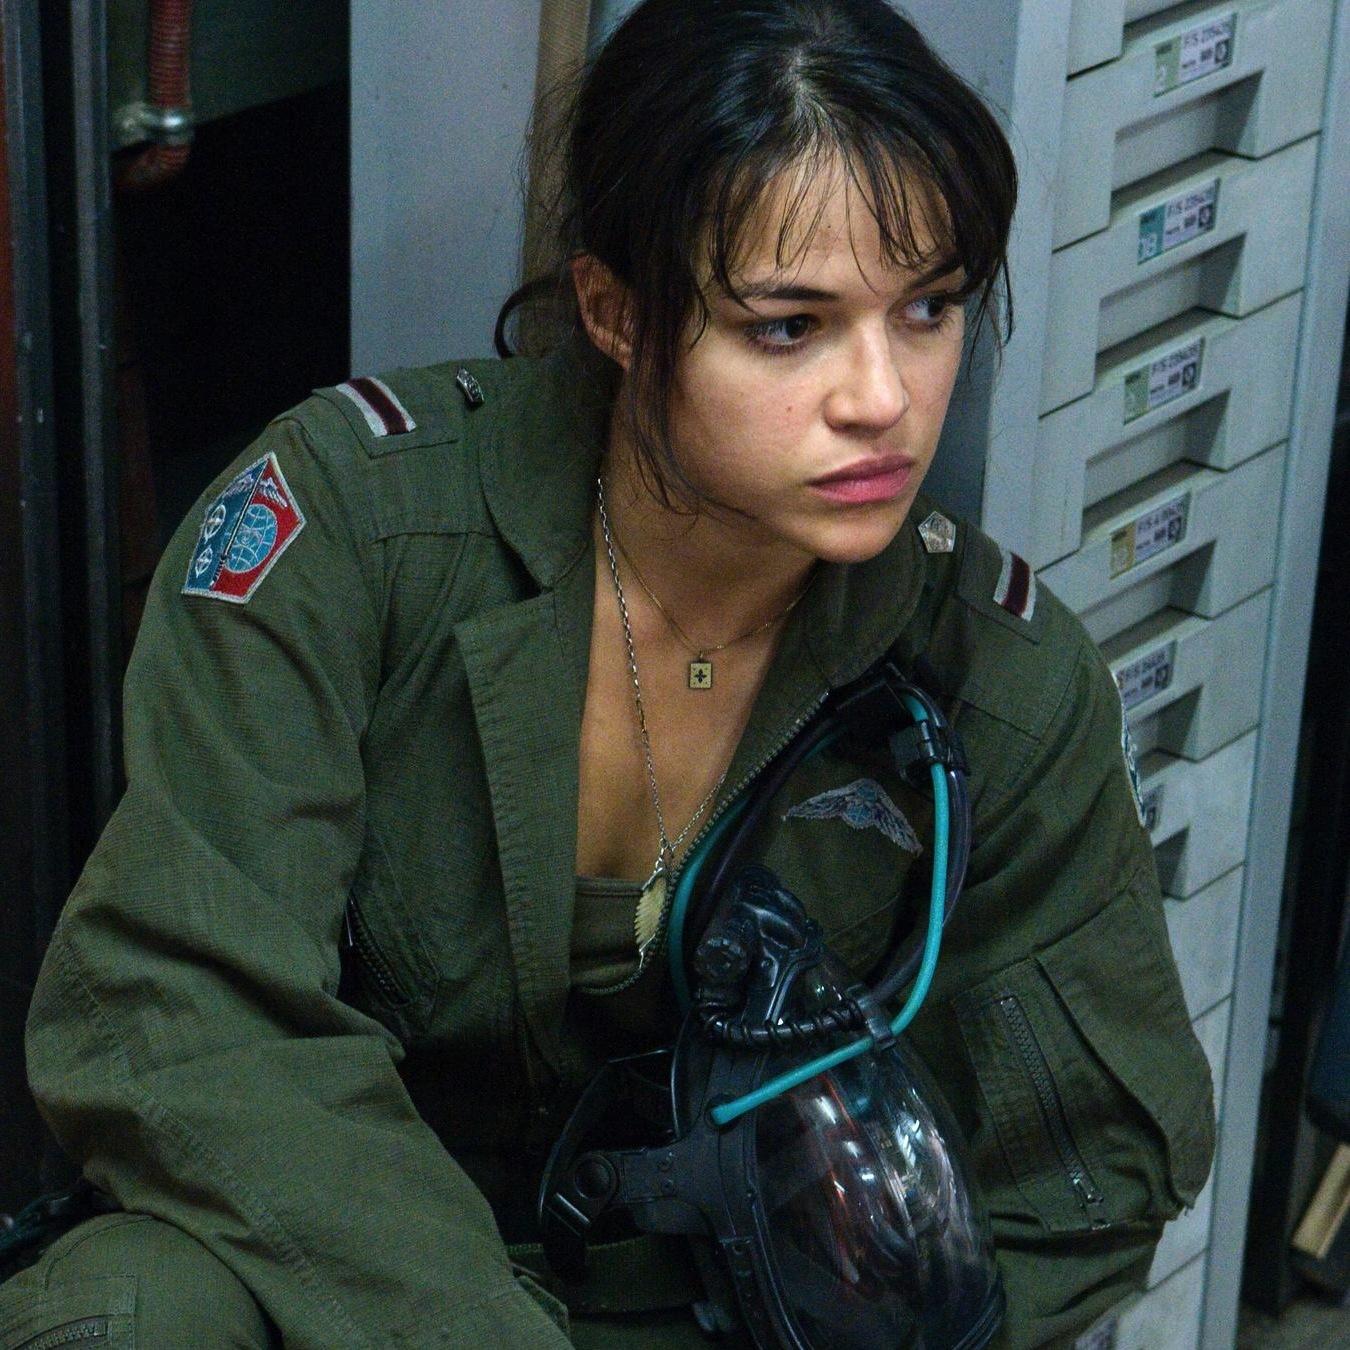 http://1.bp.blogspot.com/-kKwpNgnLm64/UQESY6HqKxI/AAAAAAAAWHc/rrXLrDvcROQ/s1600/soldier8_mrod.jpg